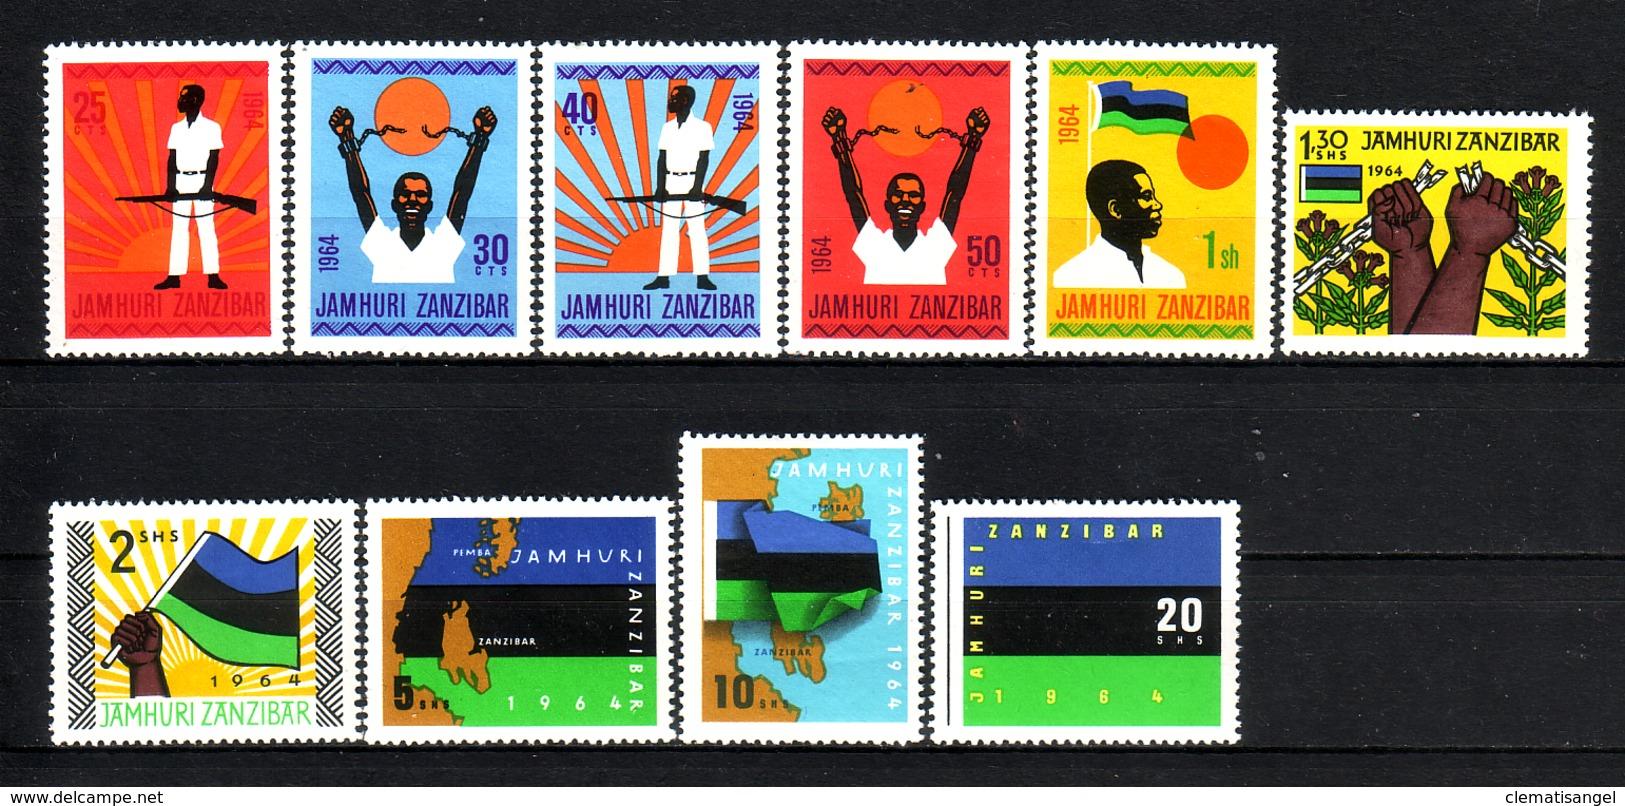 374o * ZANZIBAR * JAMHURI 1964 * POSTFRISCH **!! - Zanzibar (1963-1968)